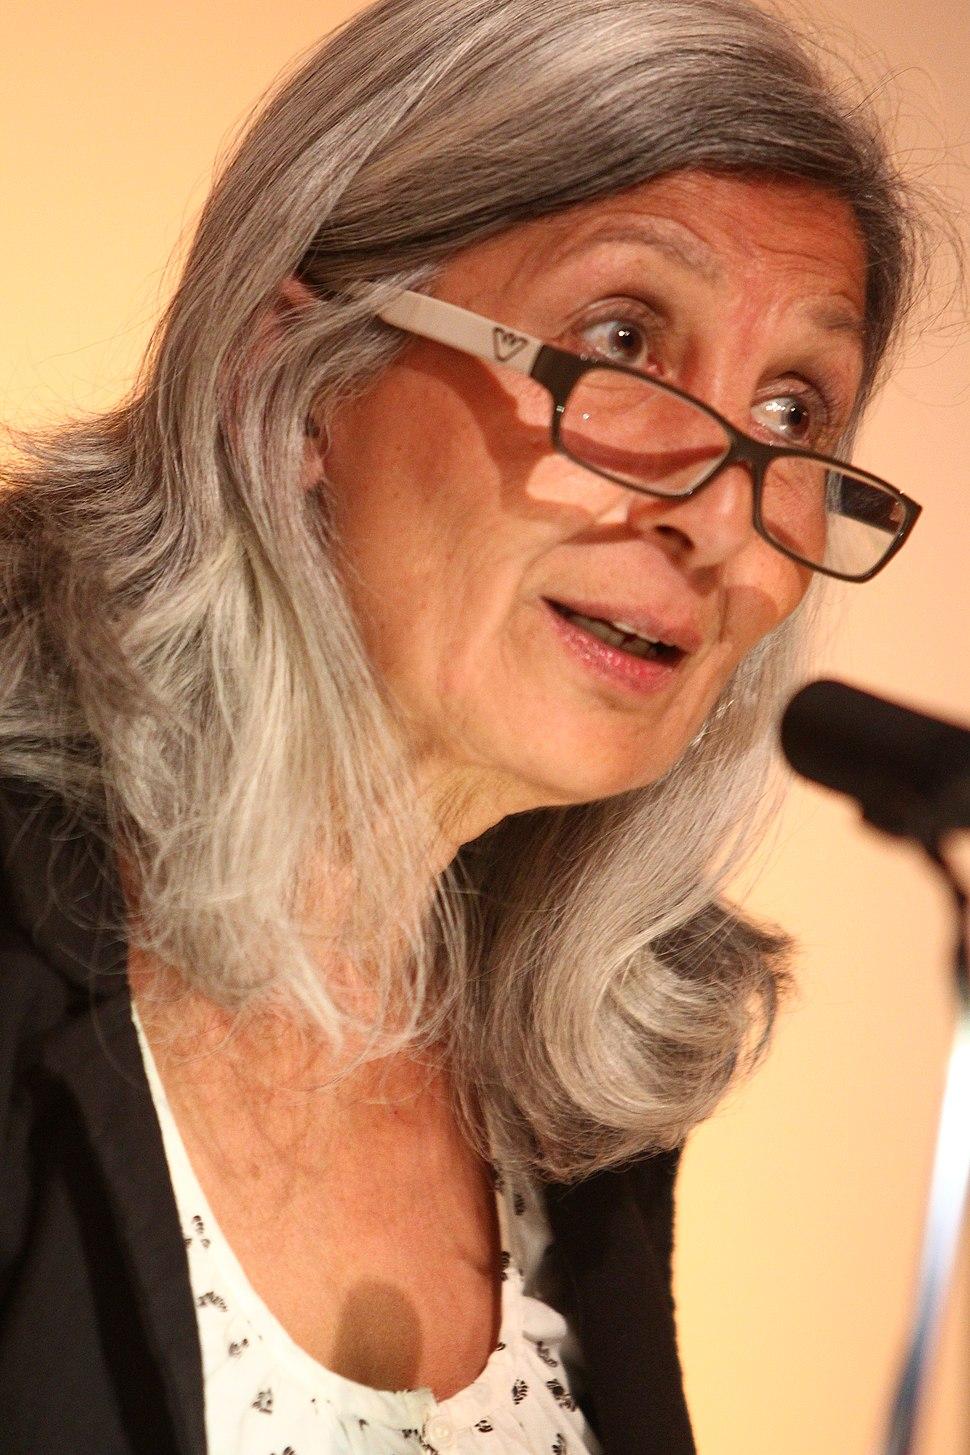 Mimi Khalvati at the British Library 12 April 2011